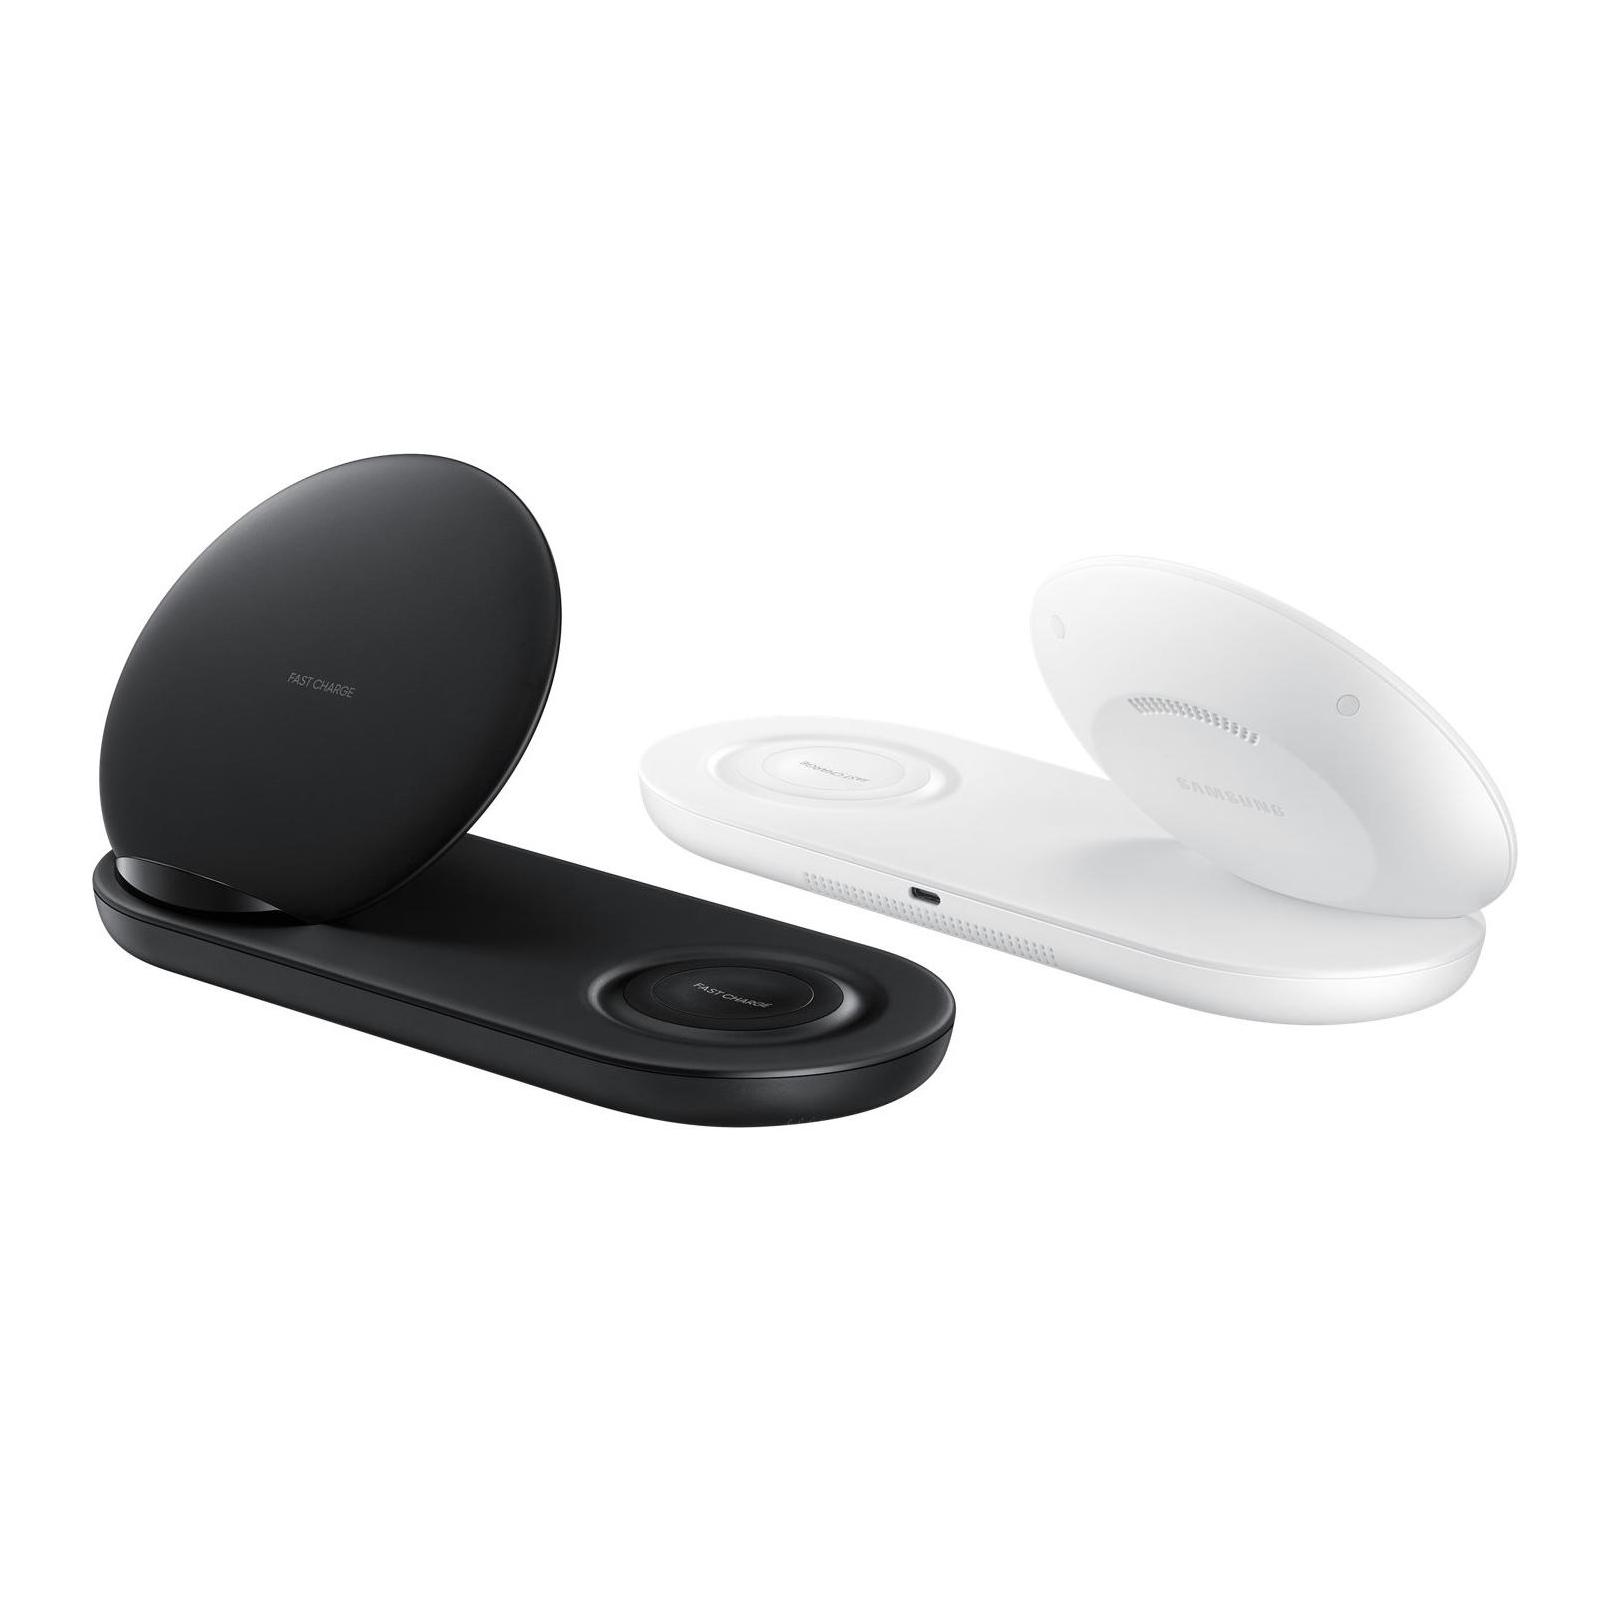 Зарядное устройство Samsung беспроводное Duo Wireless Charger Multi Black (EP-N6100TBRGRU) изображение 10